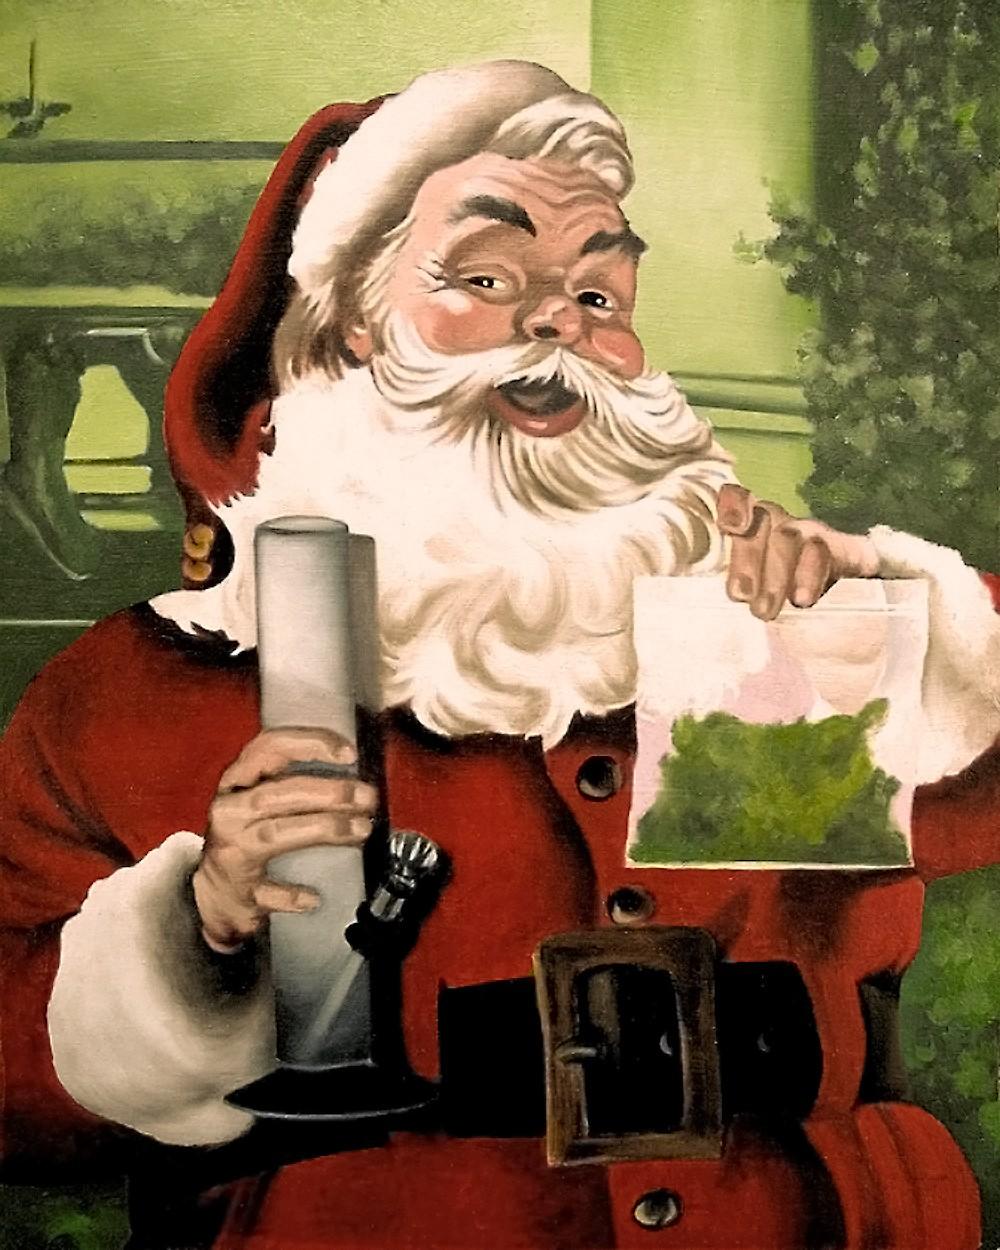 00 Stoned Santa. 13.12.12